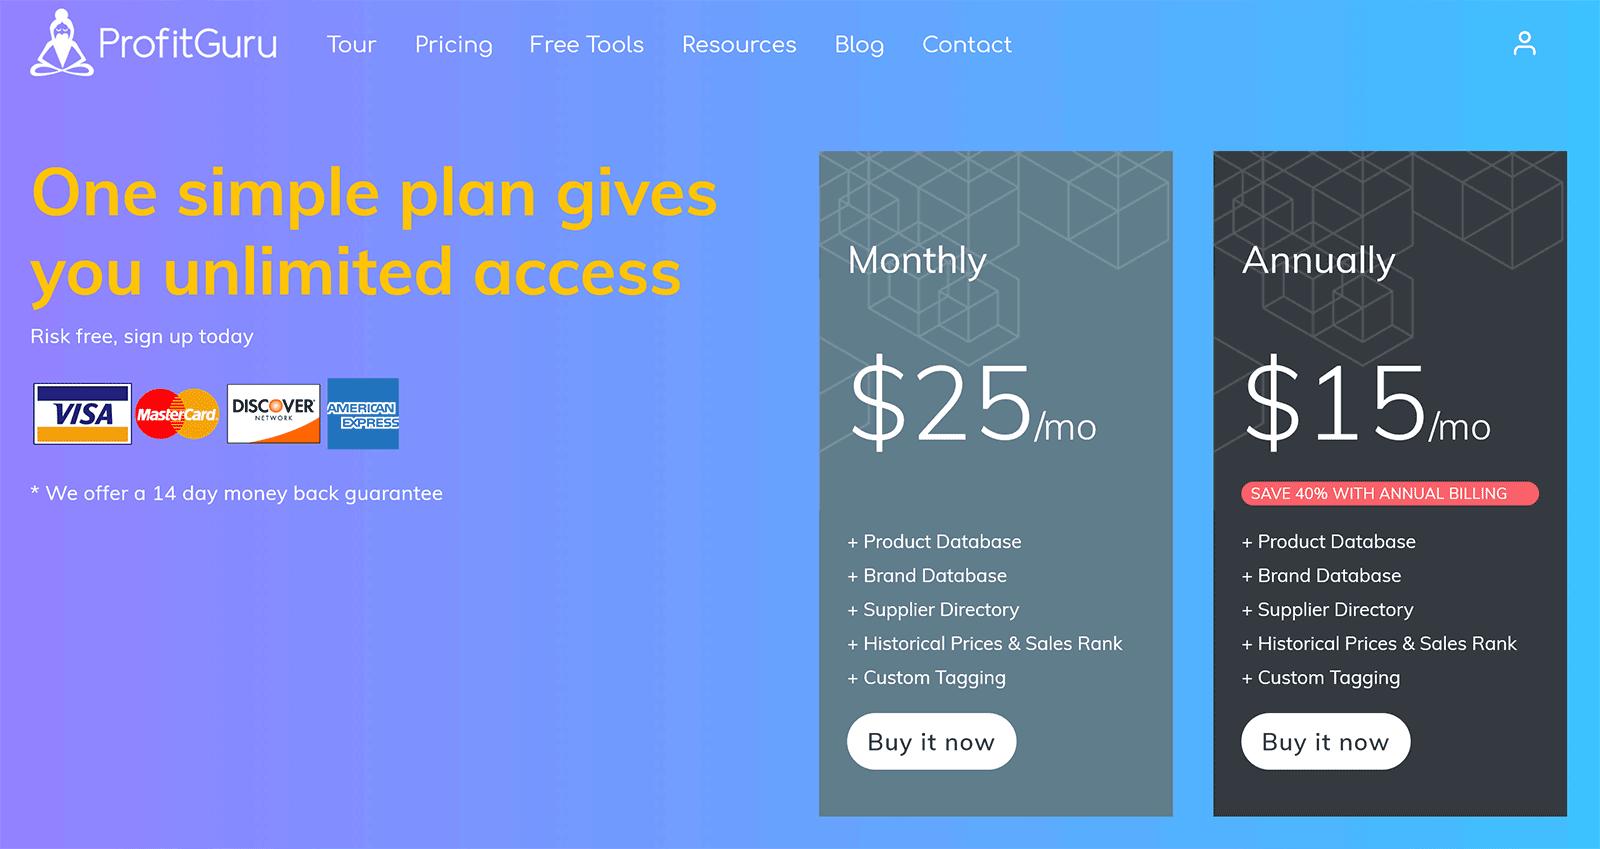 ProfitGuru Pricing